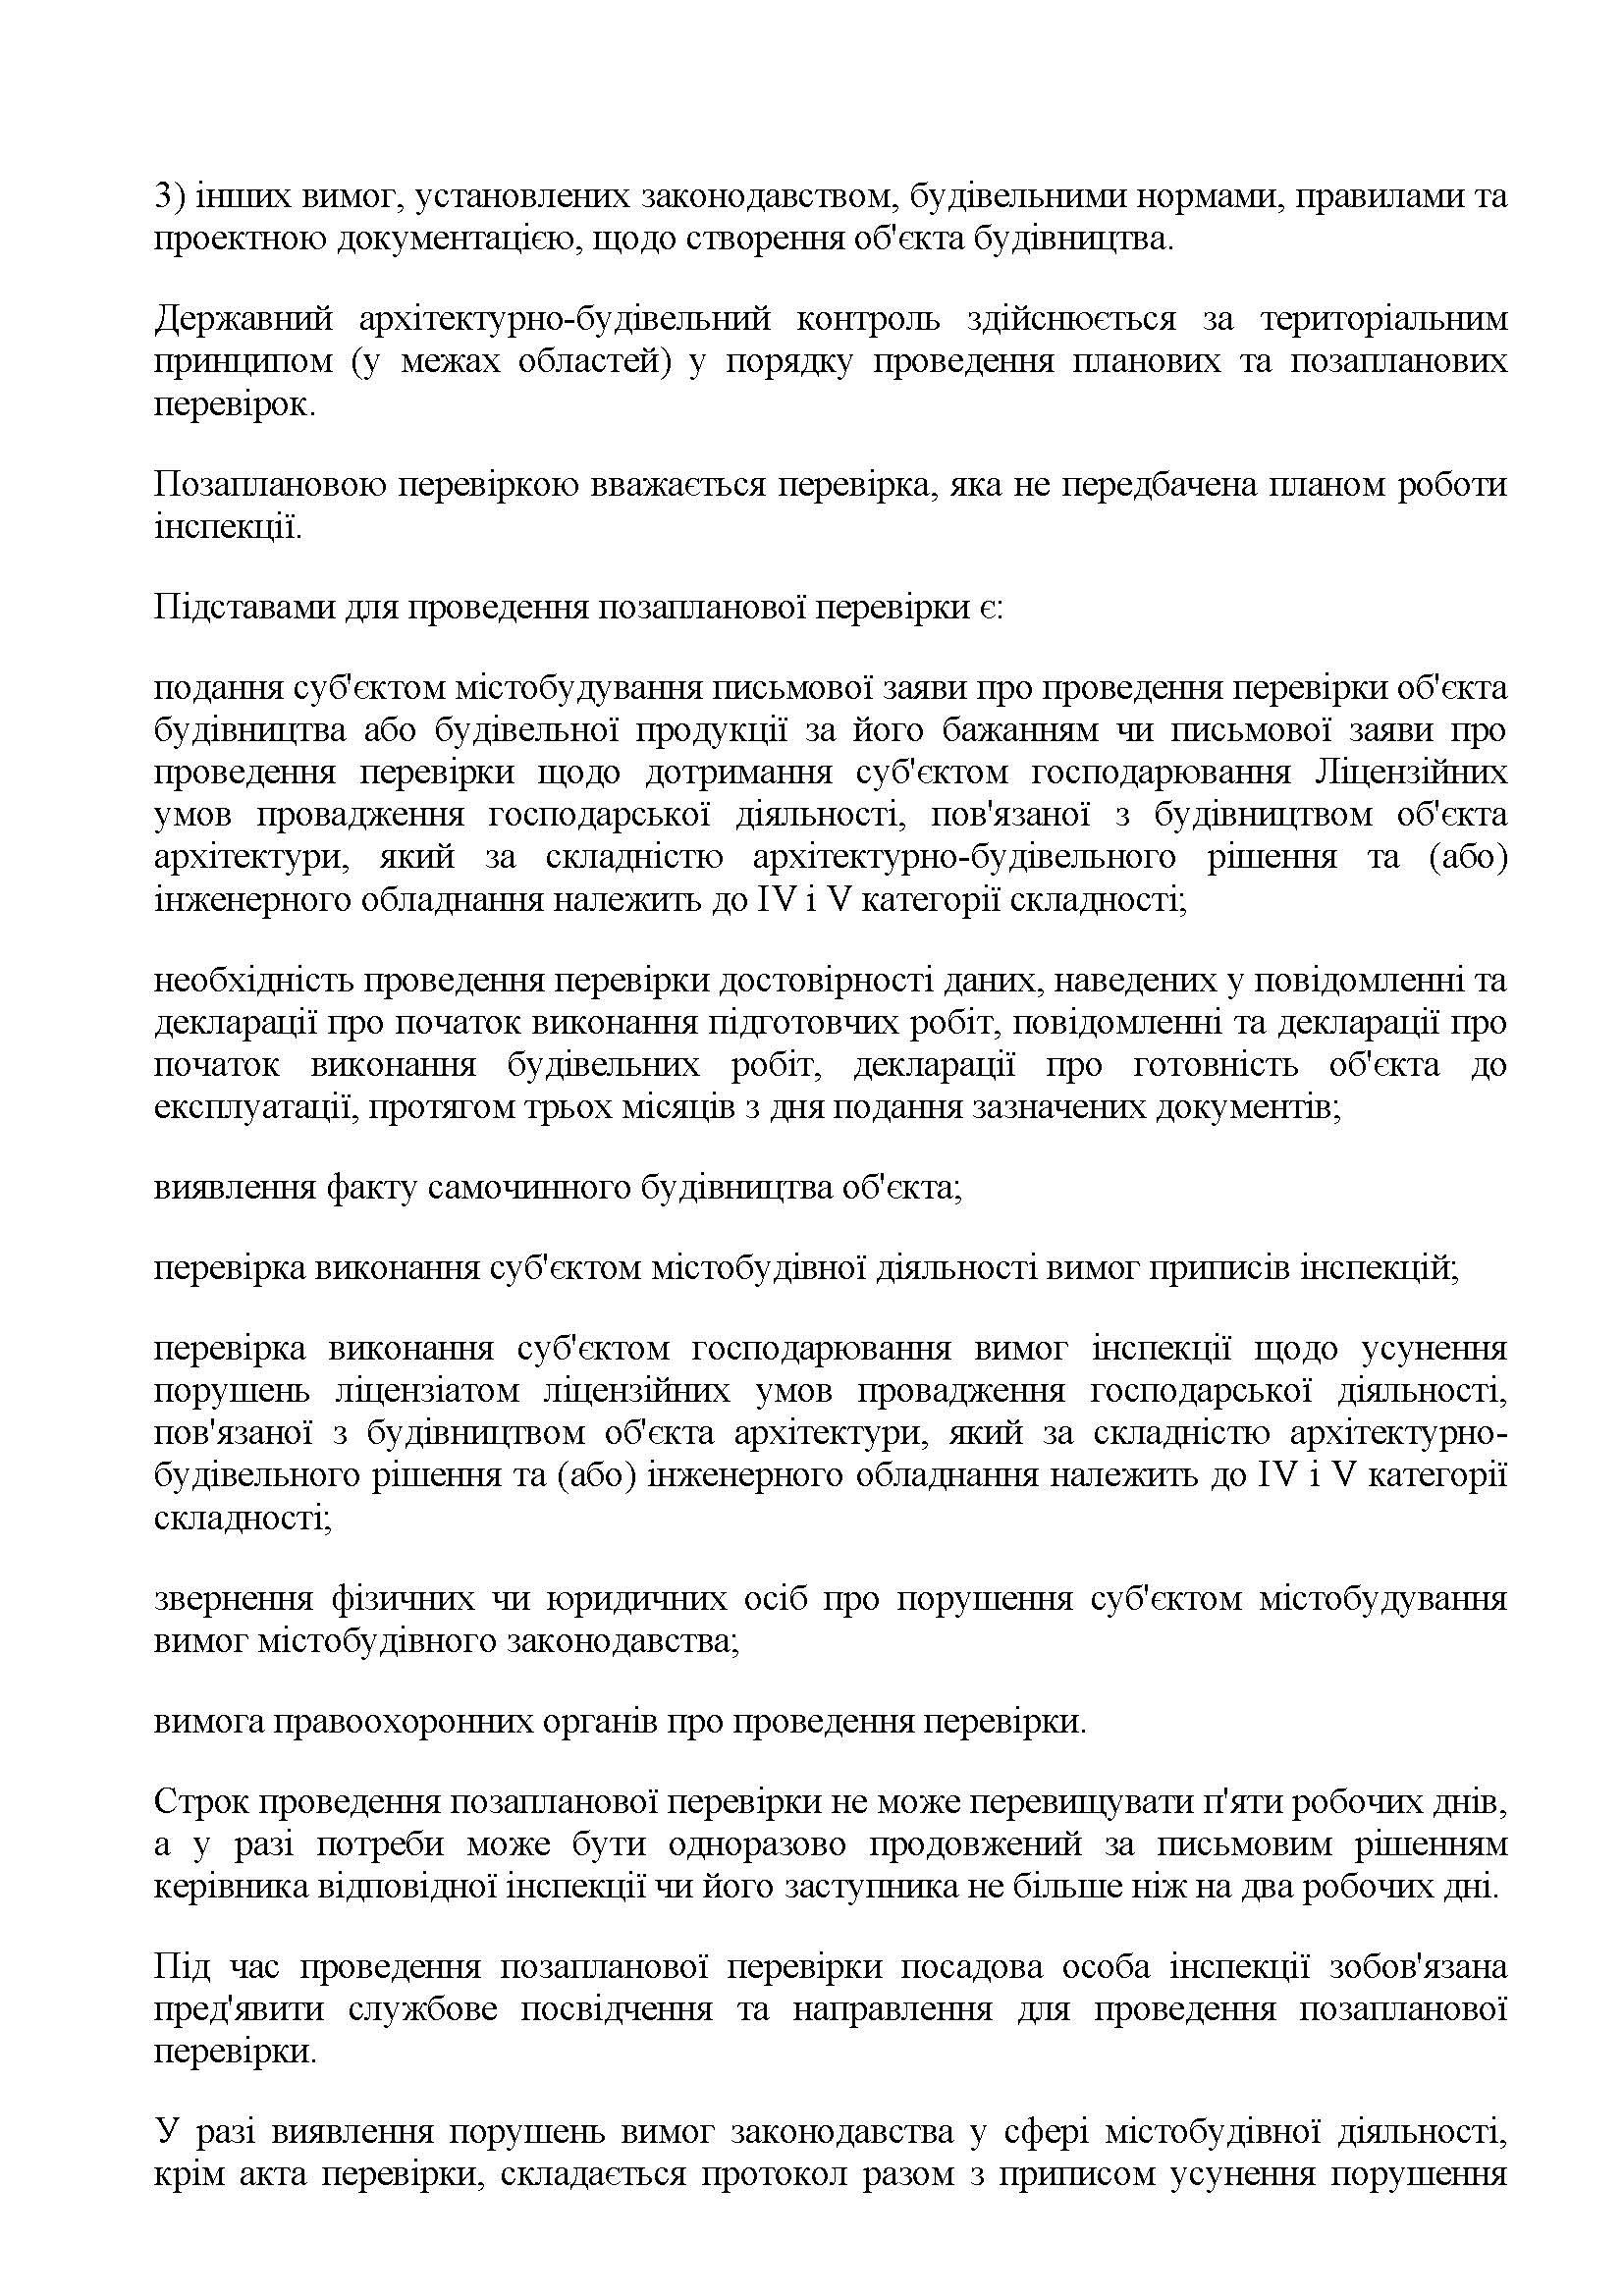 efb650721f1e90 Ухвала Вищого адміністративного суду України від 18.12.2013  р.(www.reyestr.court.gov.ua)